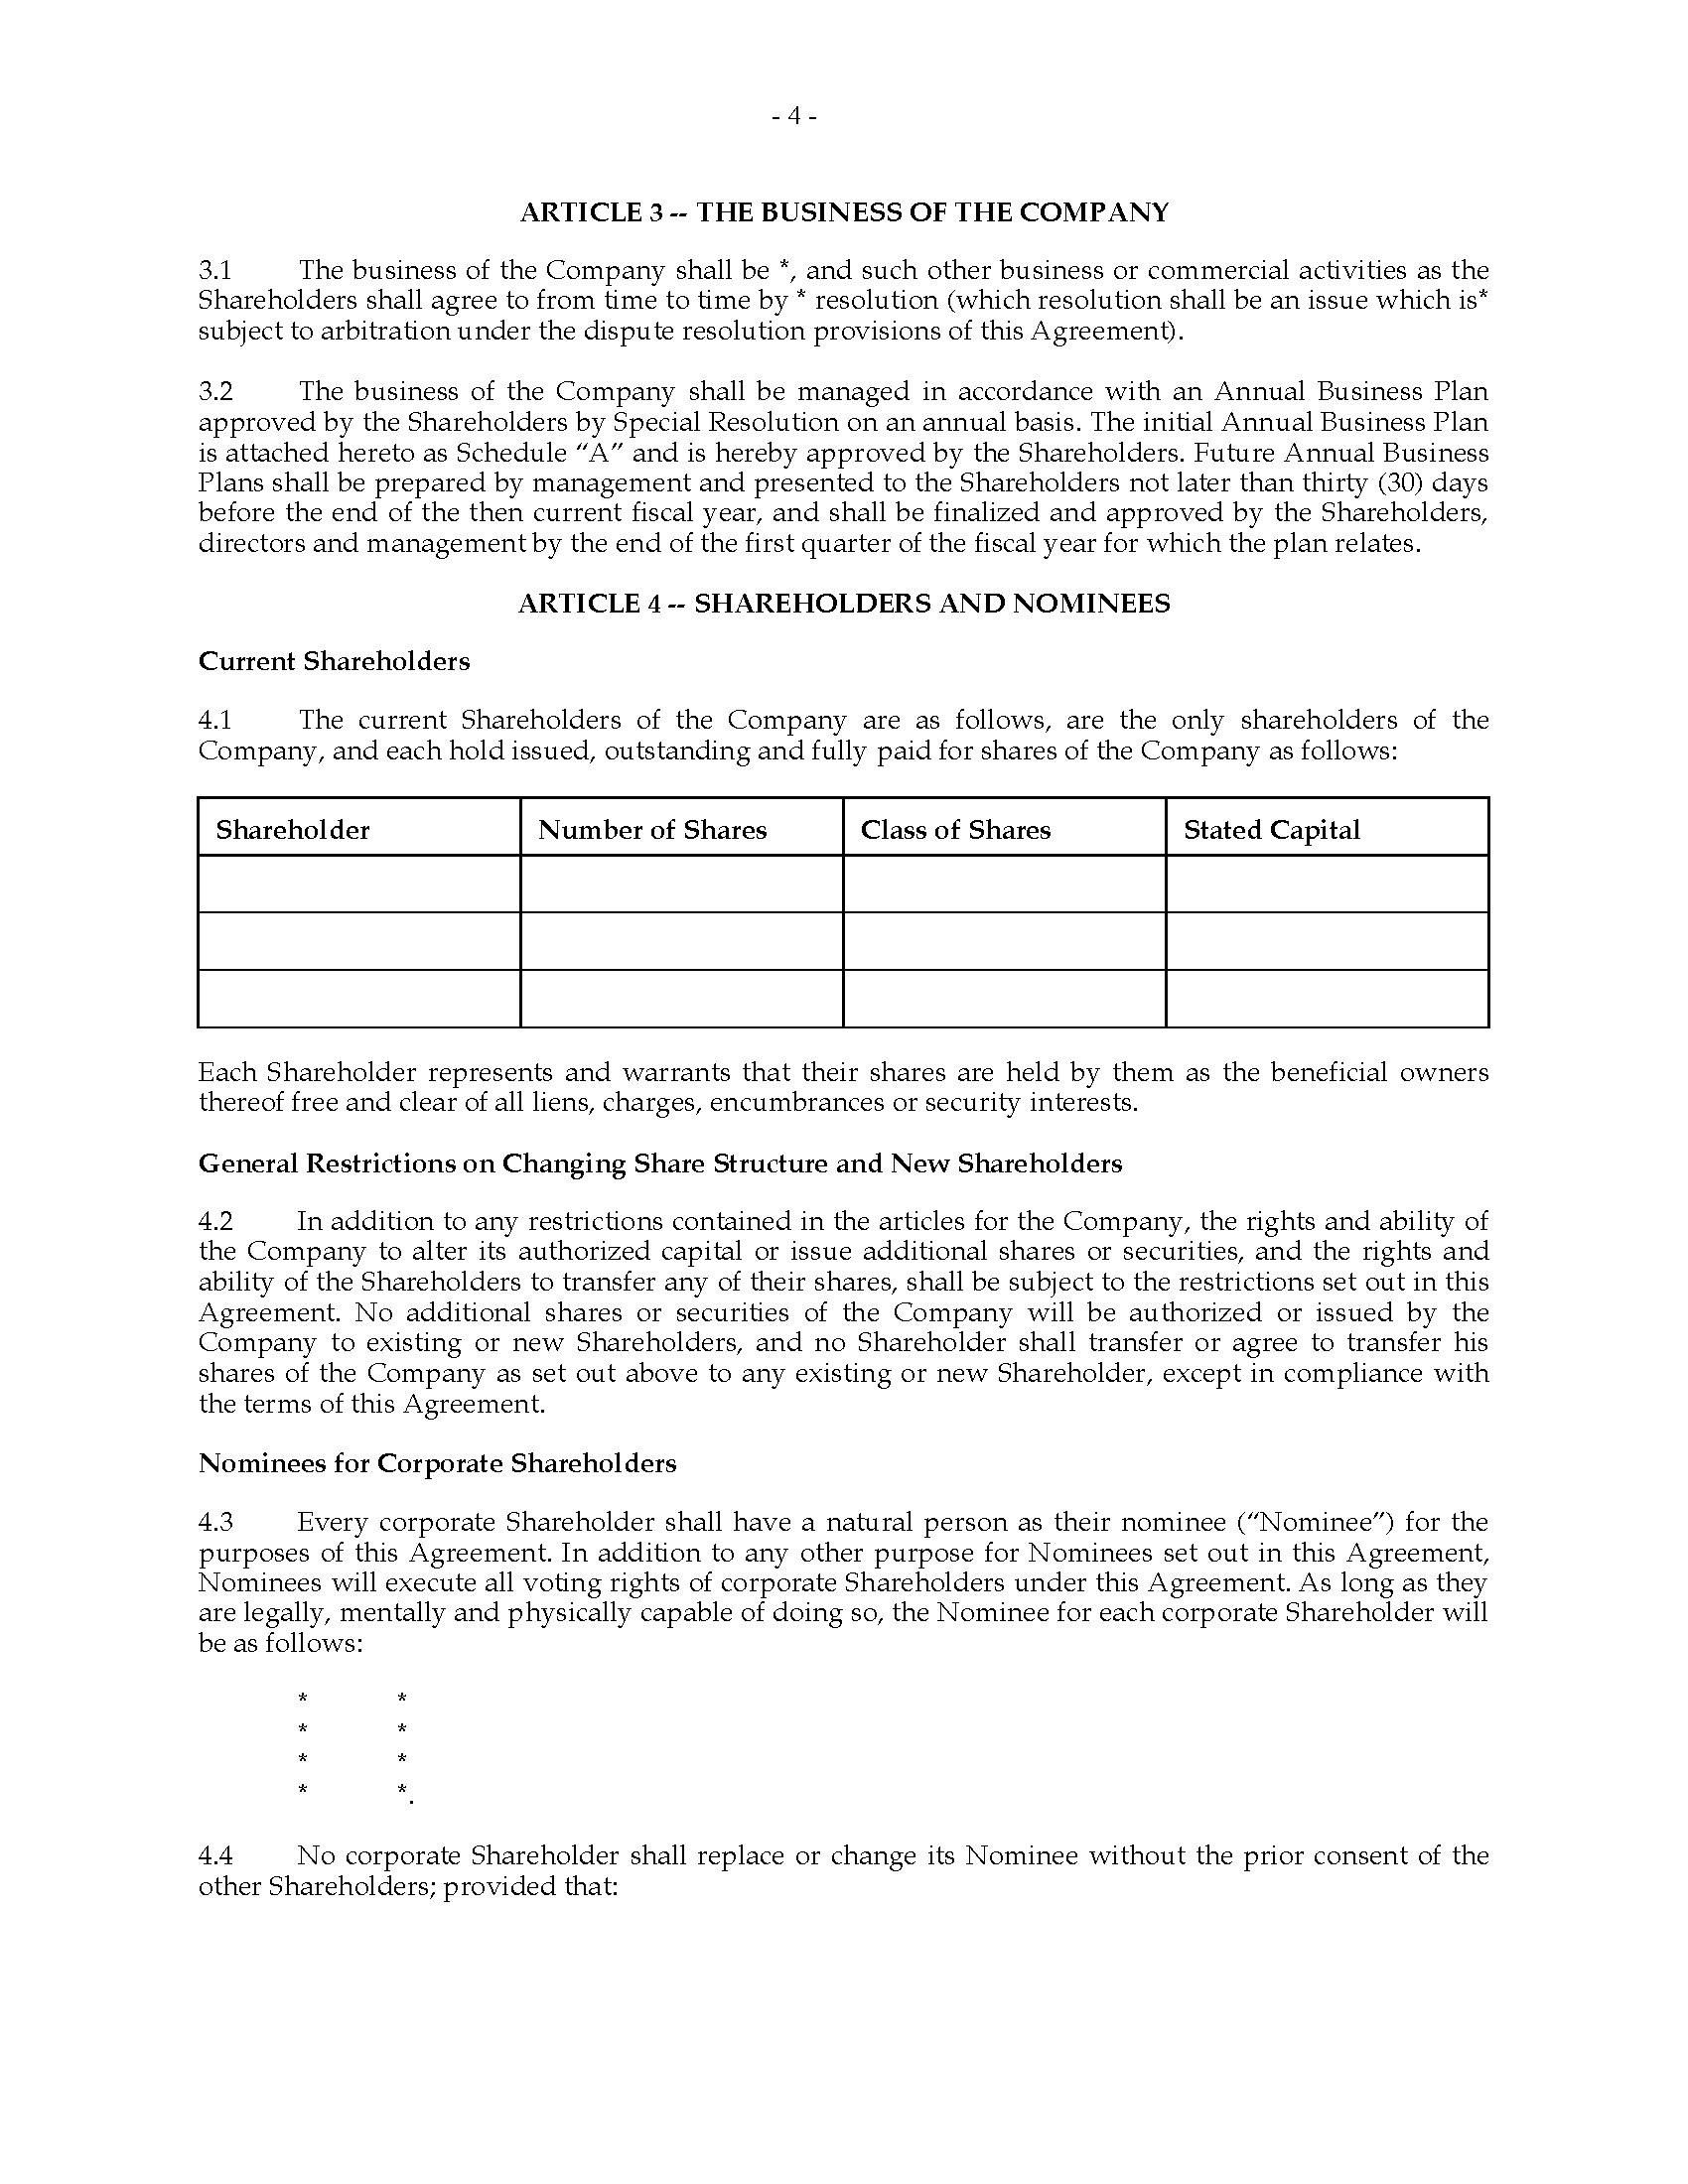 Shareholder Agreement Template Australia